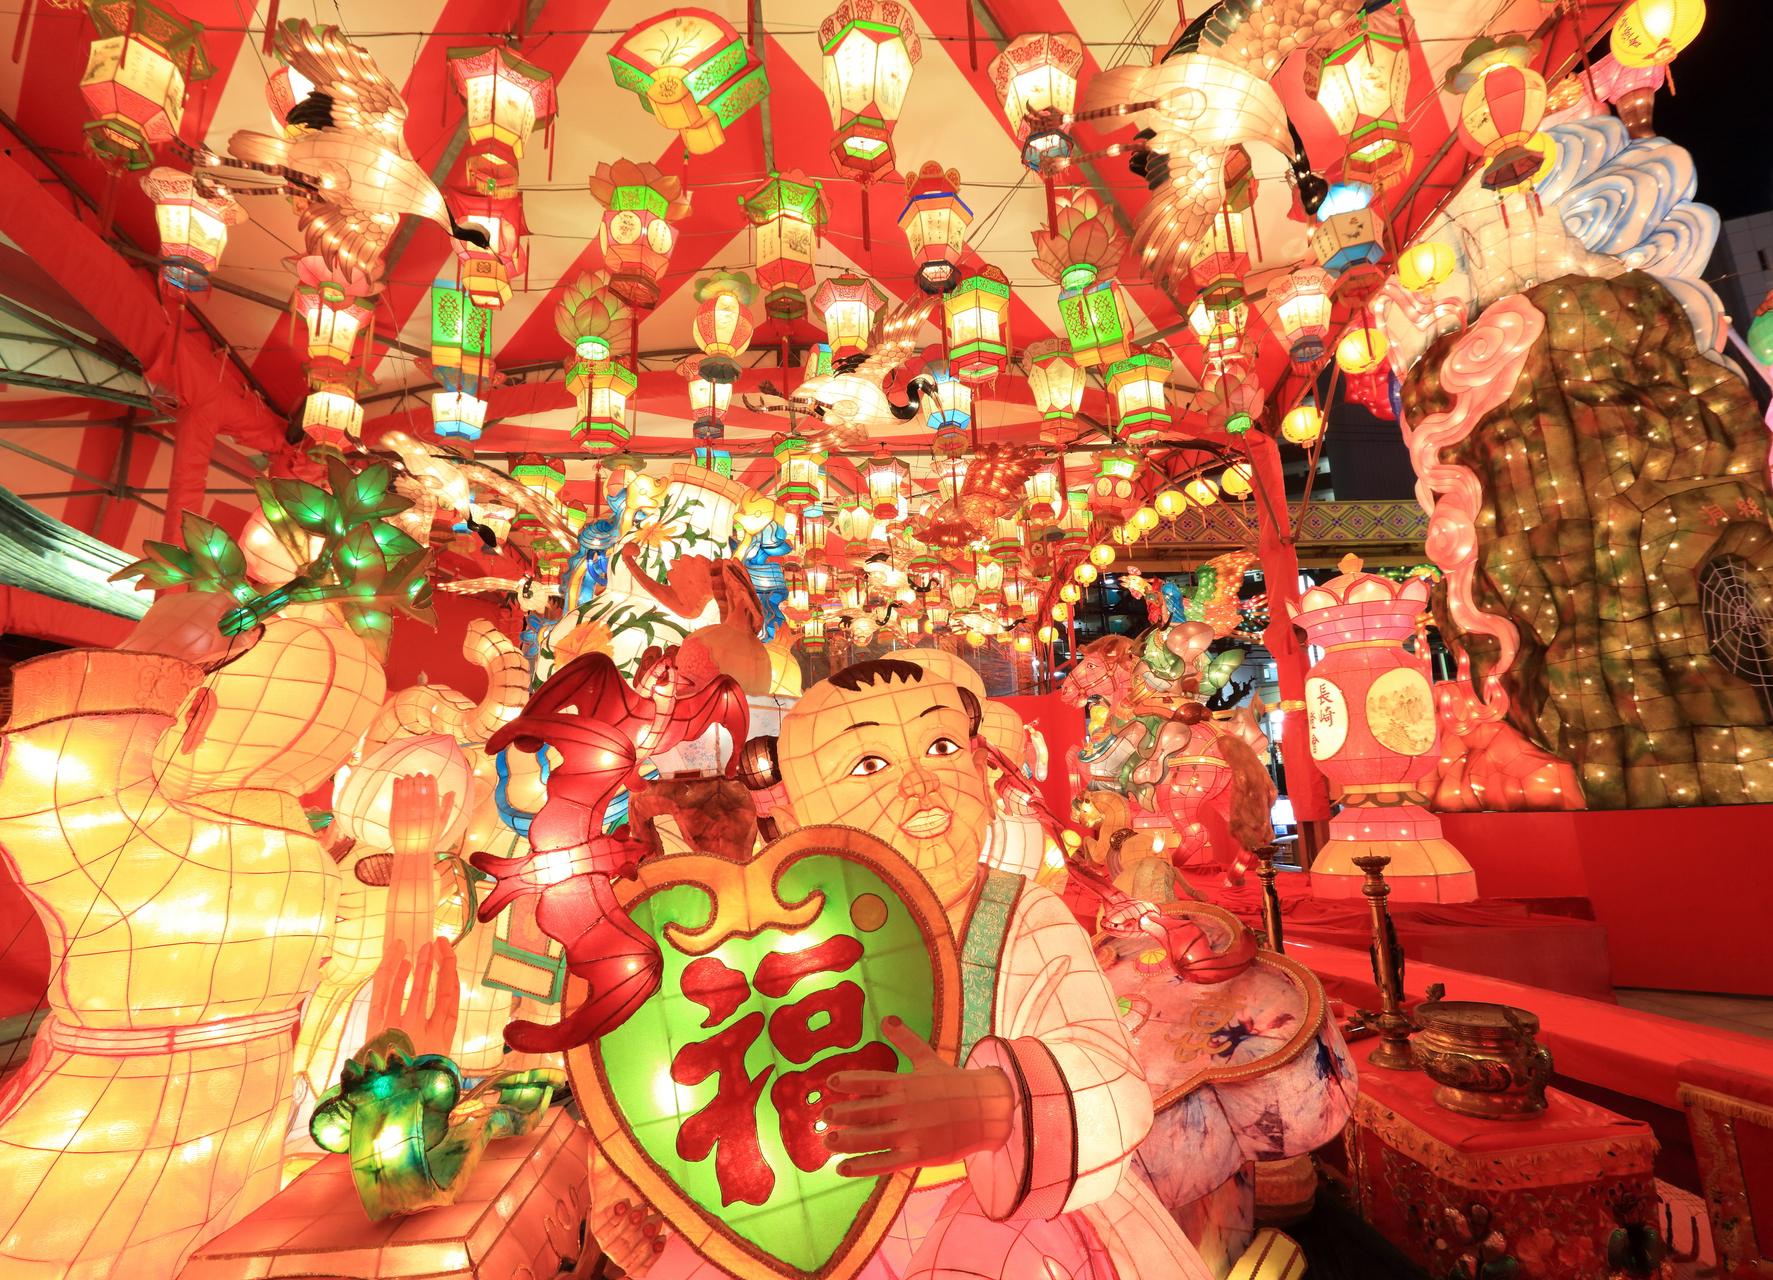 日本全国の美しい情景をアーカイブして広めるプロジェクト「FIND/47」